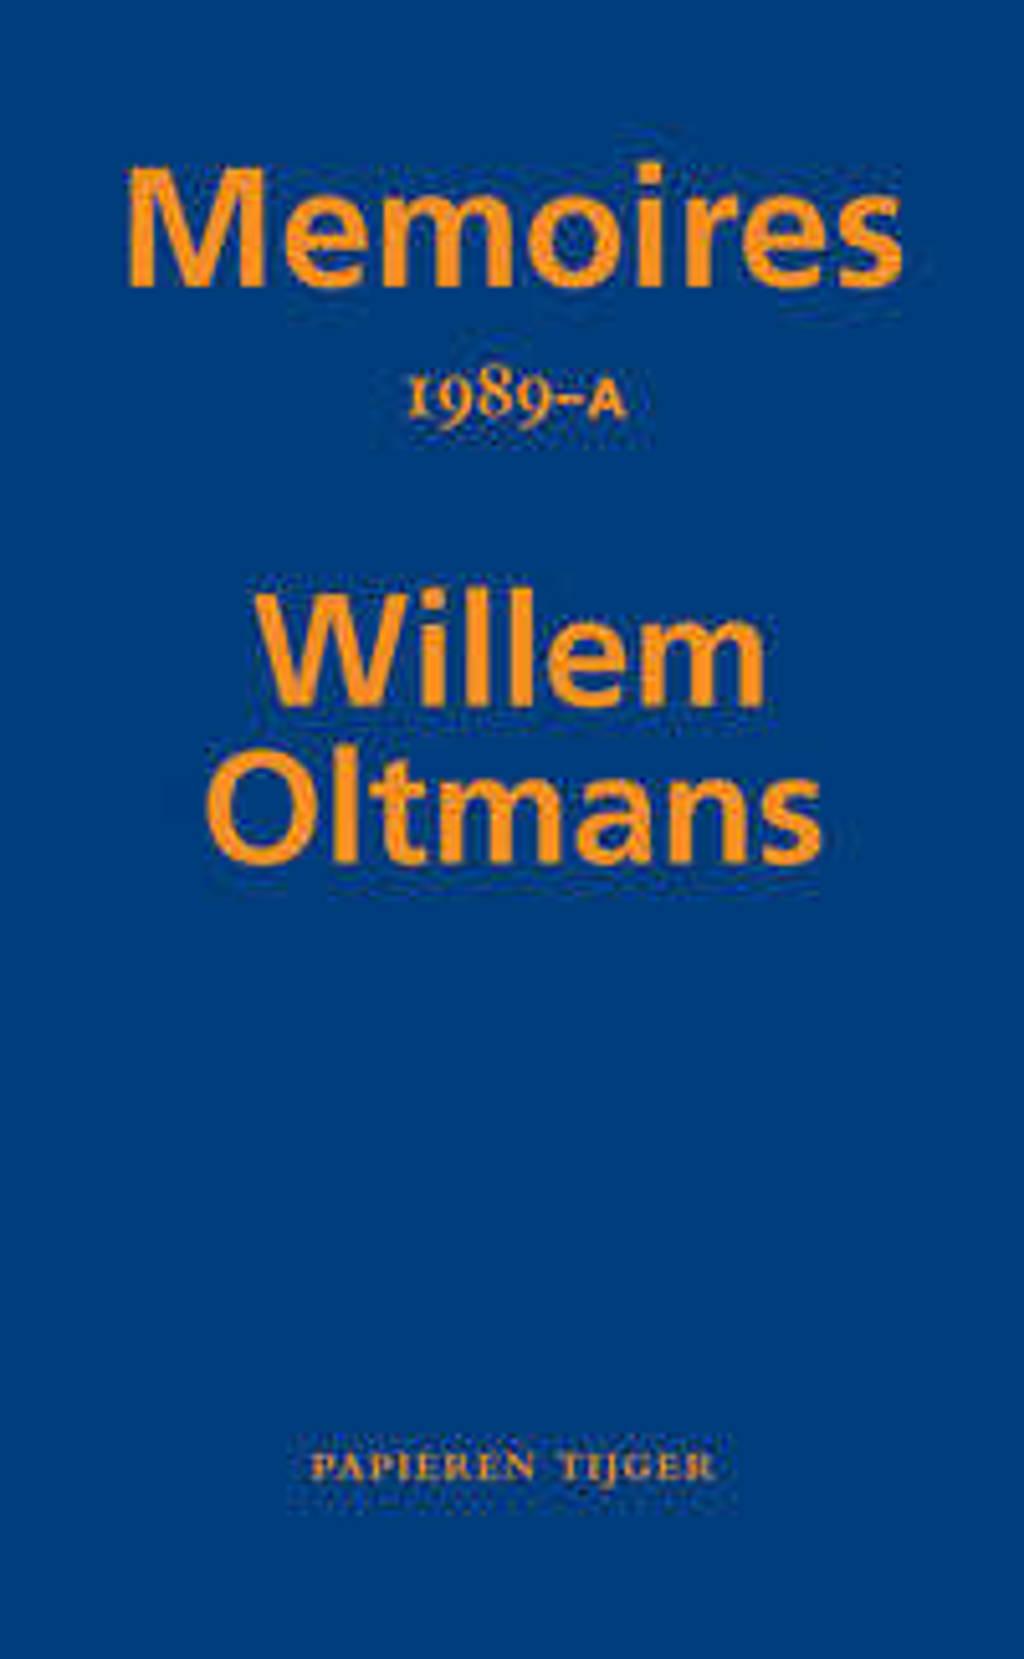 Memoires Willem Oltmans: Memoires 1989-A - Willem Oltmans